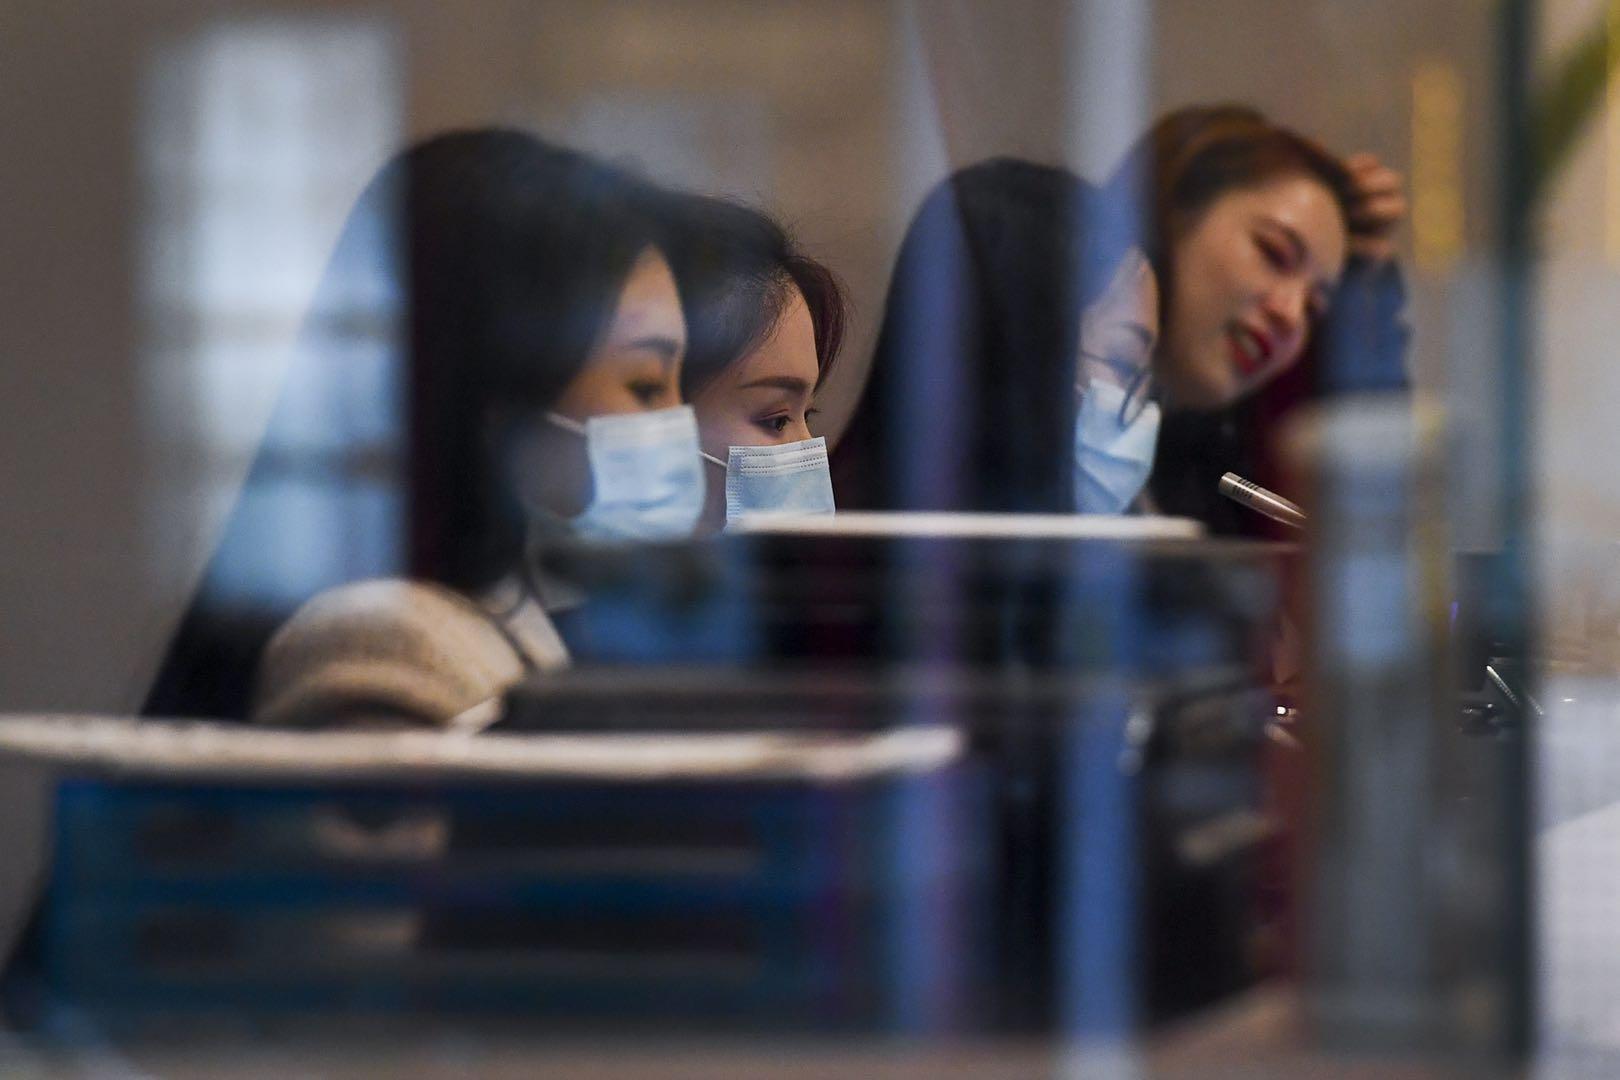 Australia unveils $11bn stimulus to combat virus downturn